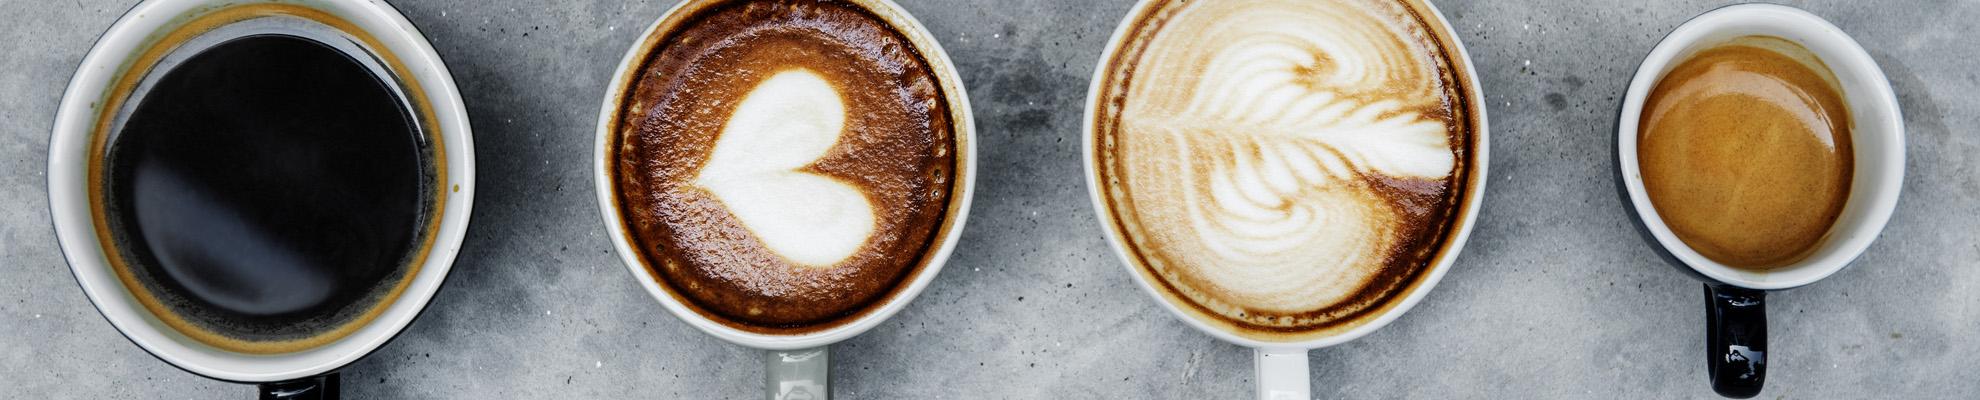 Panafè macchine per caffè